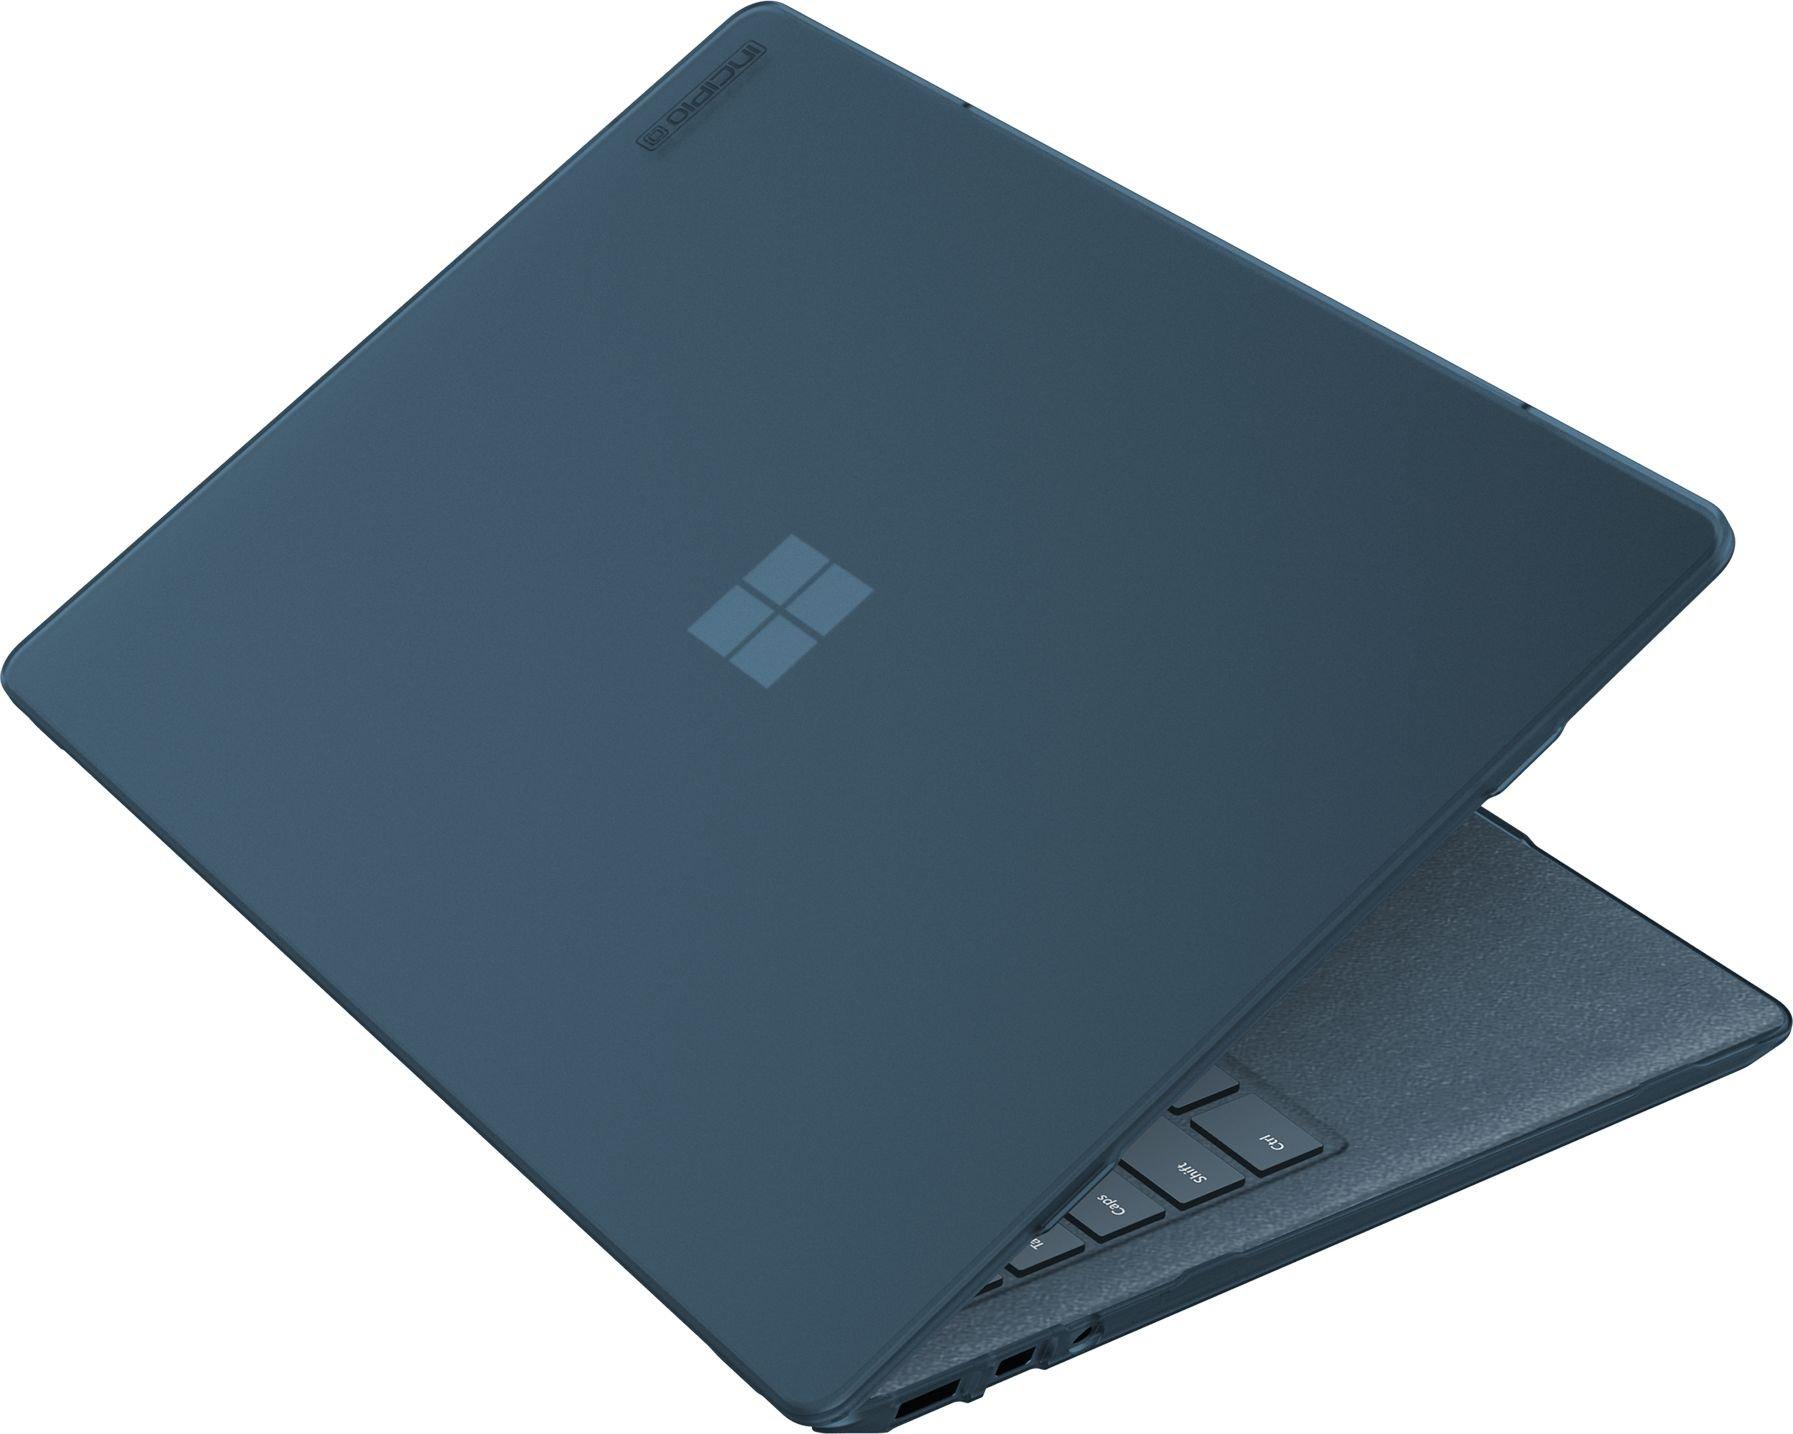 このMicrosoft Surfaceラップトップ用Incipioシェル - マイクロソフト認定保護ケース[軽量&薄型滑り止めフットソフト - タッチコーティング]  - ブルー0